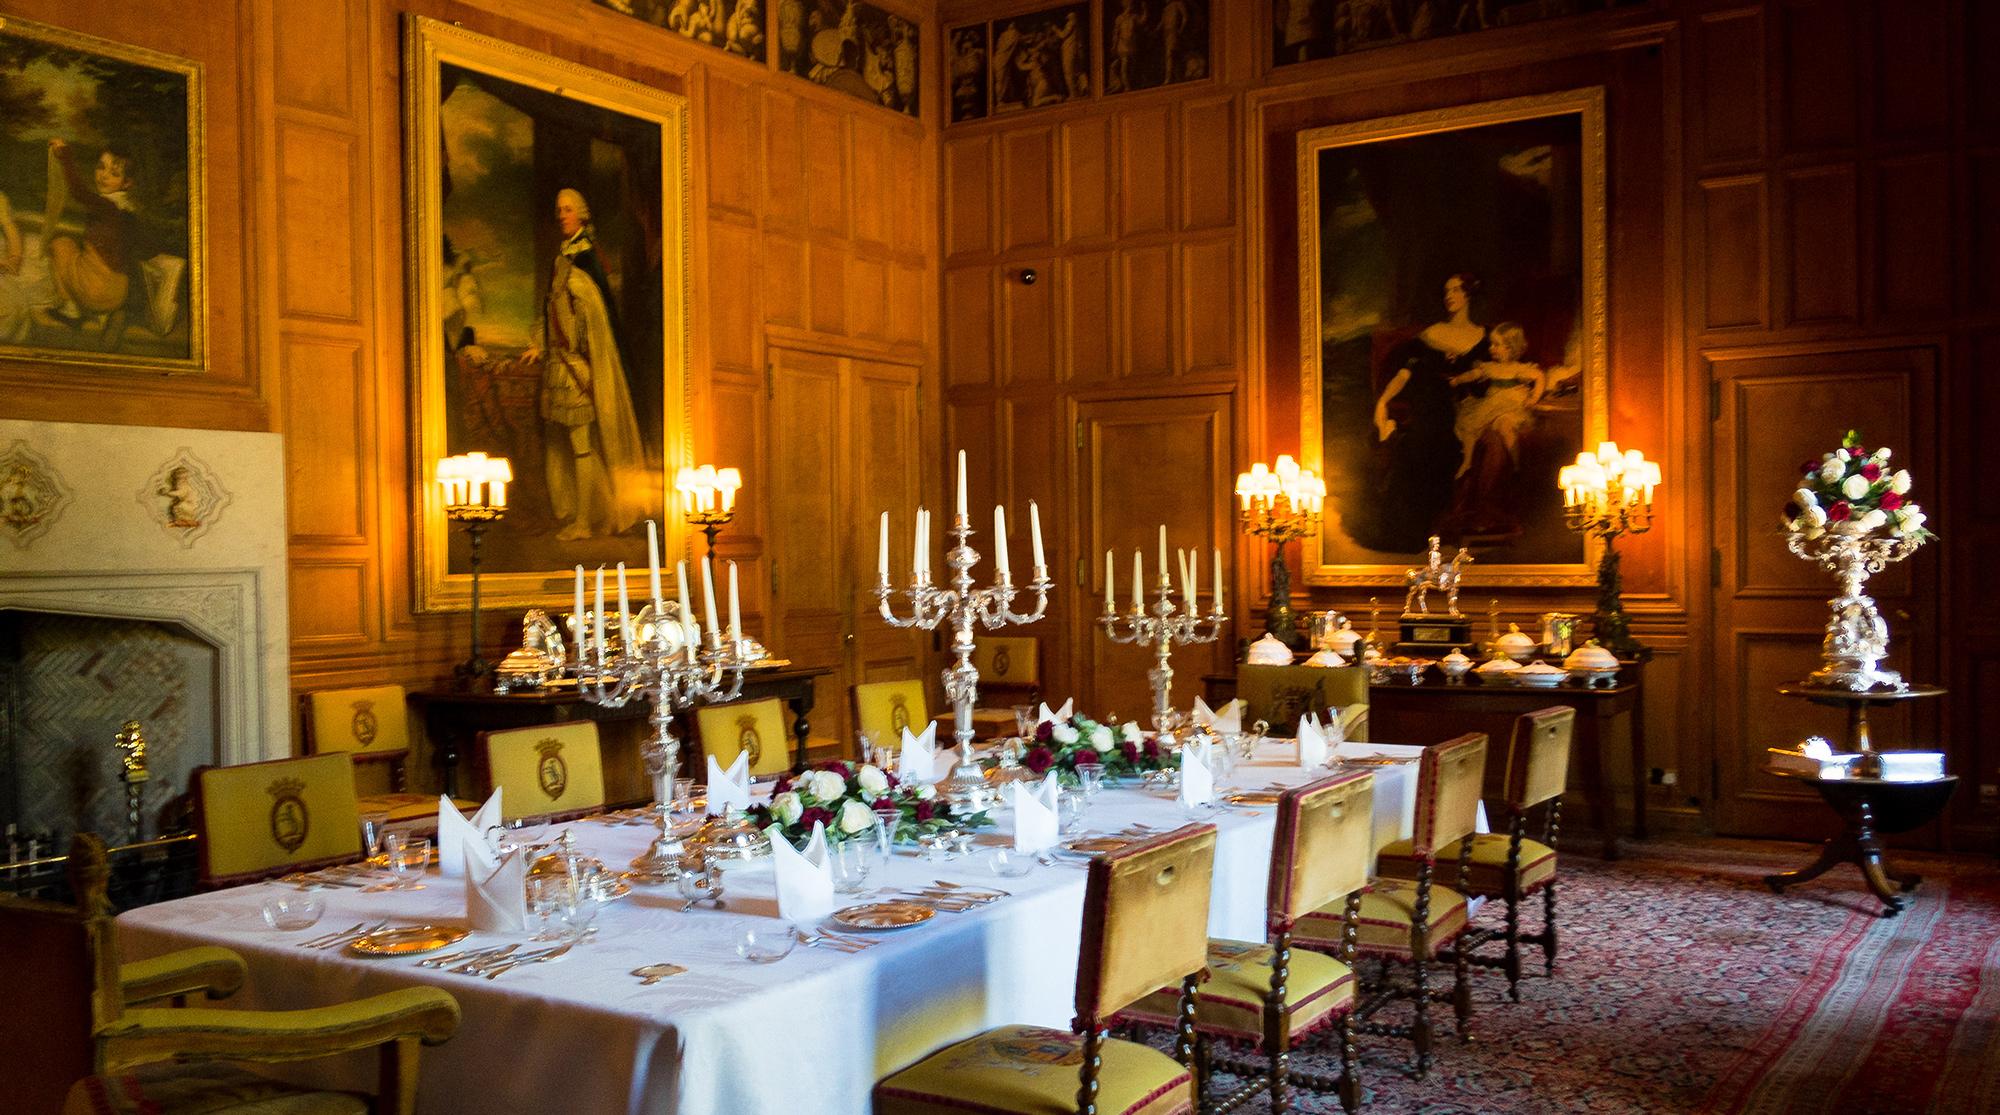 Soeisezimmer mit Kandelabern, und gedecktem Tisch in holzgetäfeltem Raum mit Ahnenbildern im Dunrobin Castle